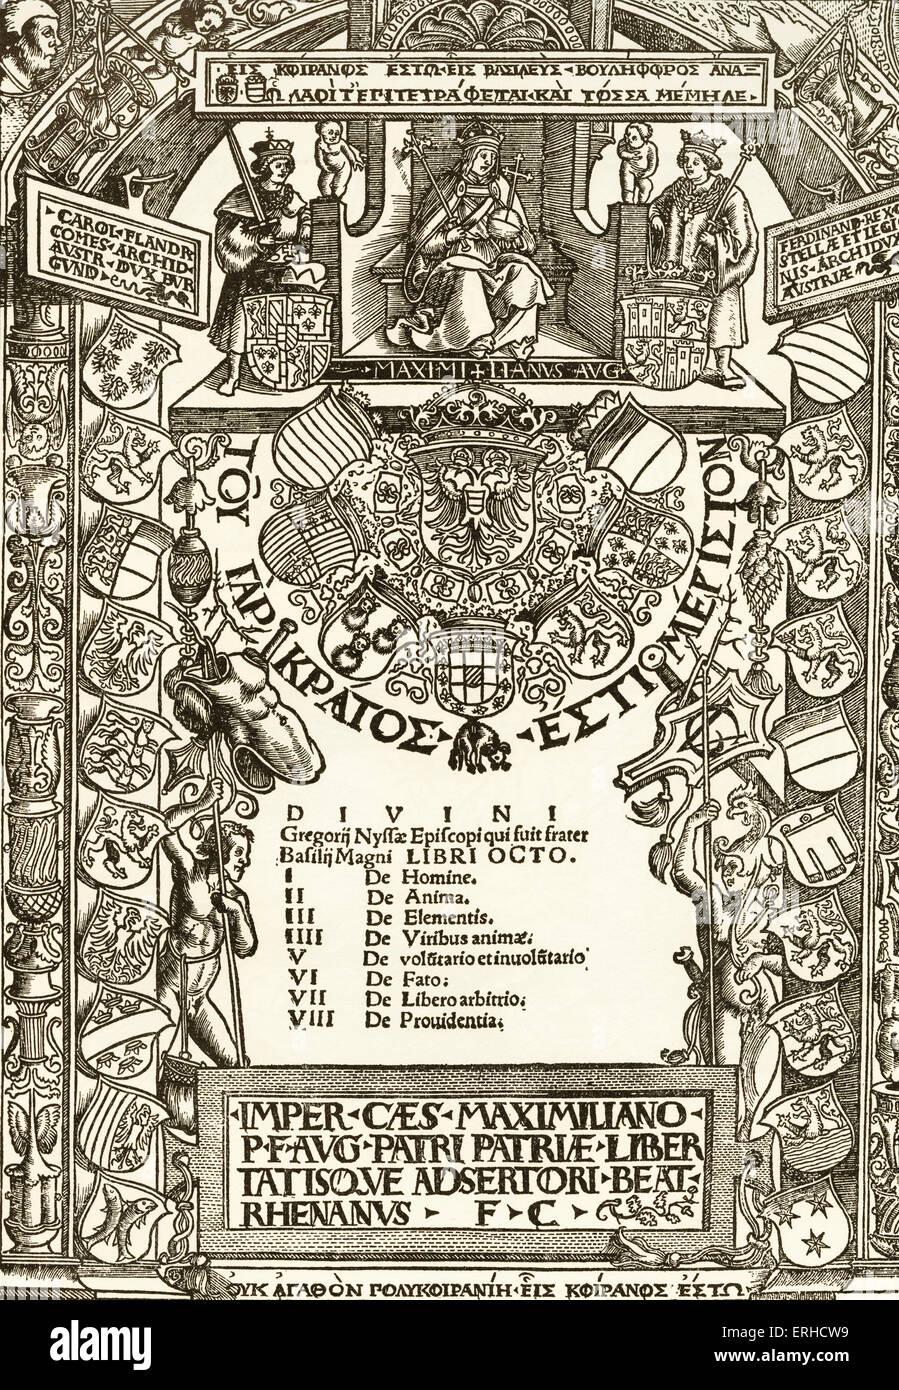 Imperador Maximiliano Página de título, xilogravura por Urs Graf, Maio de 1512. Homenagem ao Imperador Imagens de Stock